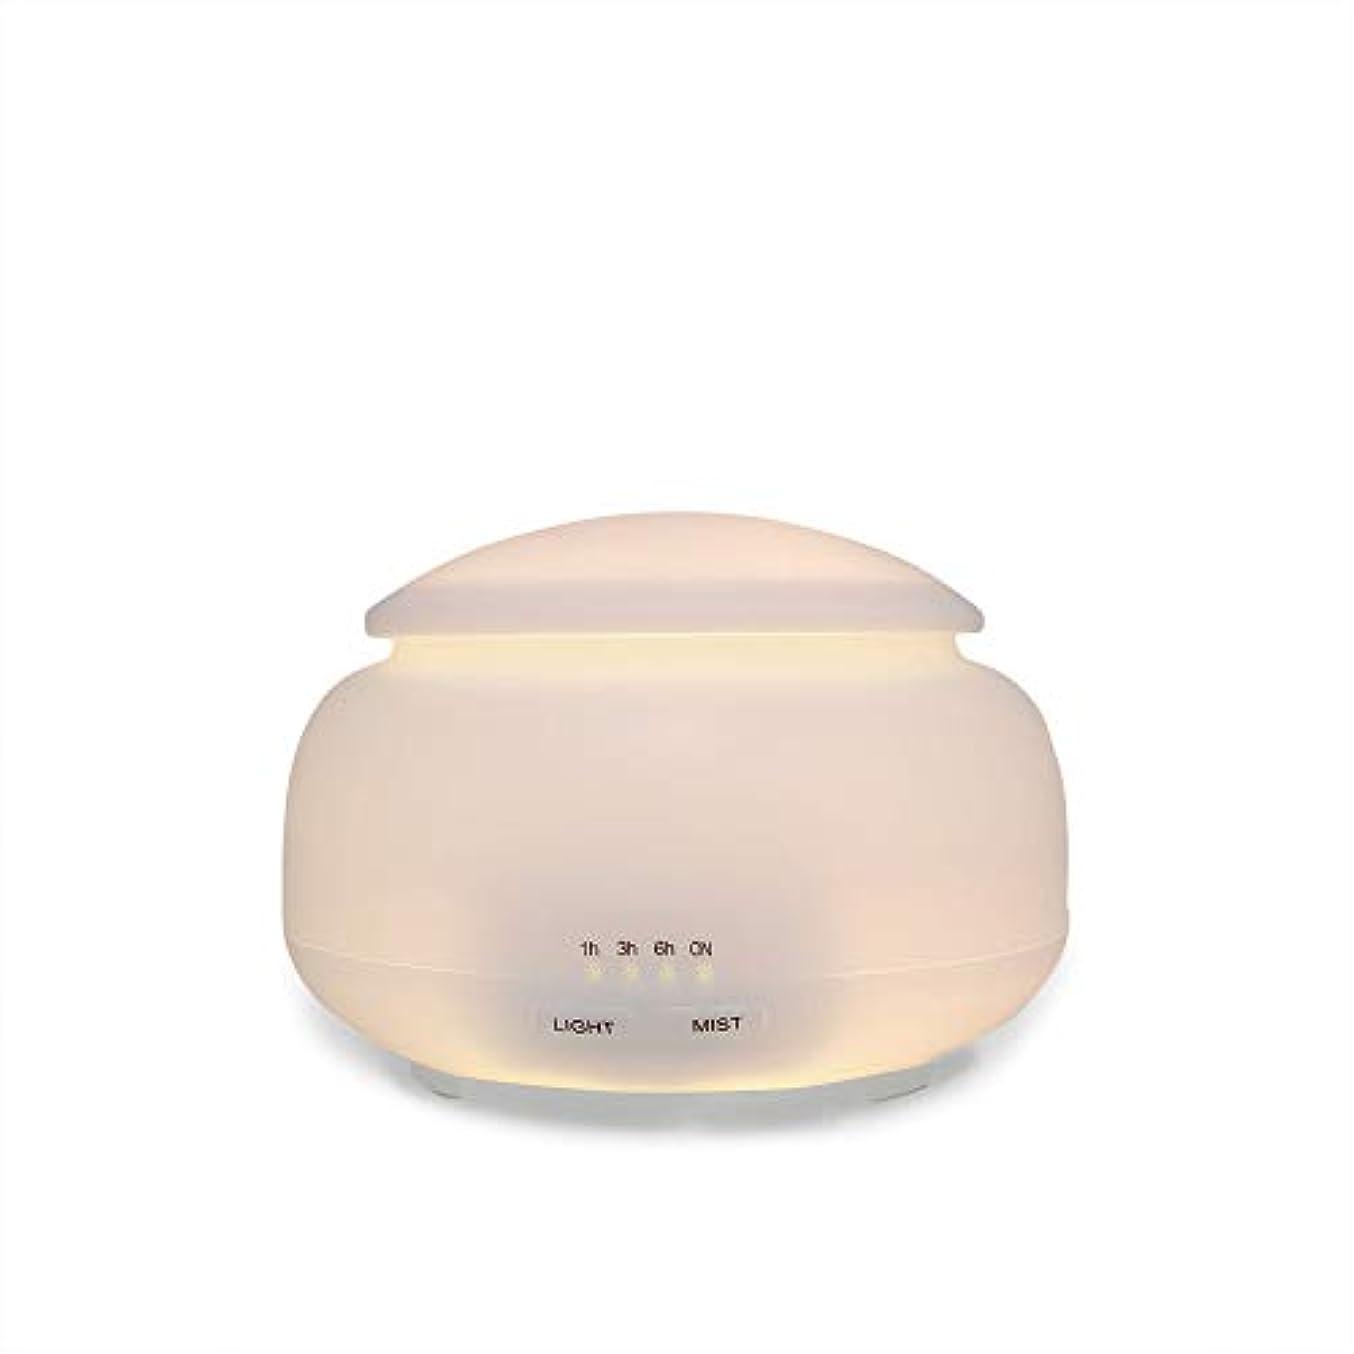 思いやりのある小間まだ150ml の家の超音波アロマセラピー機械、大きい無声空気浄化の加湿器容量のスプレーのタイマーおよび水なしの自動オフ、7つの LED ライト色